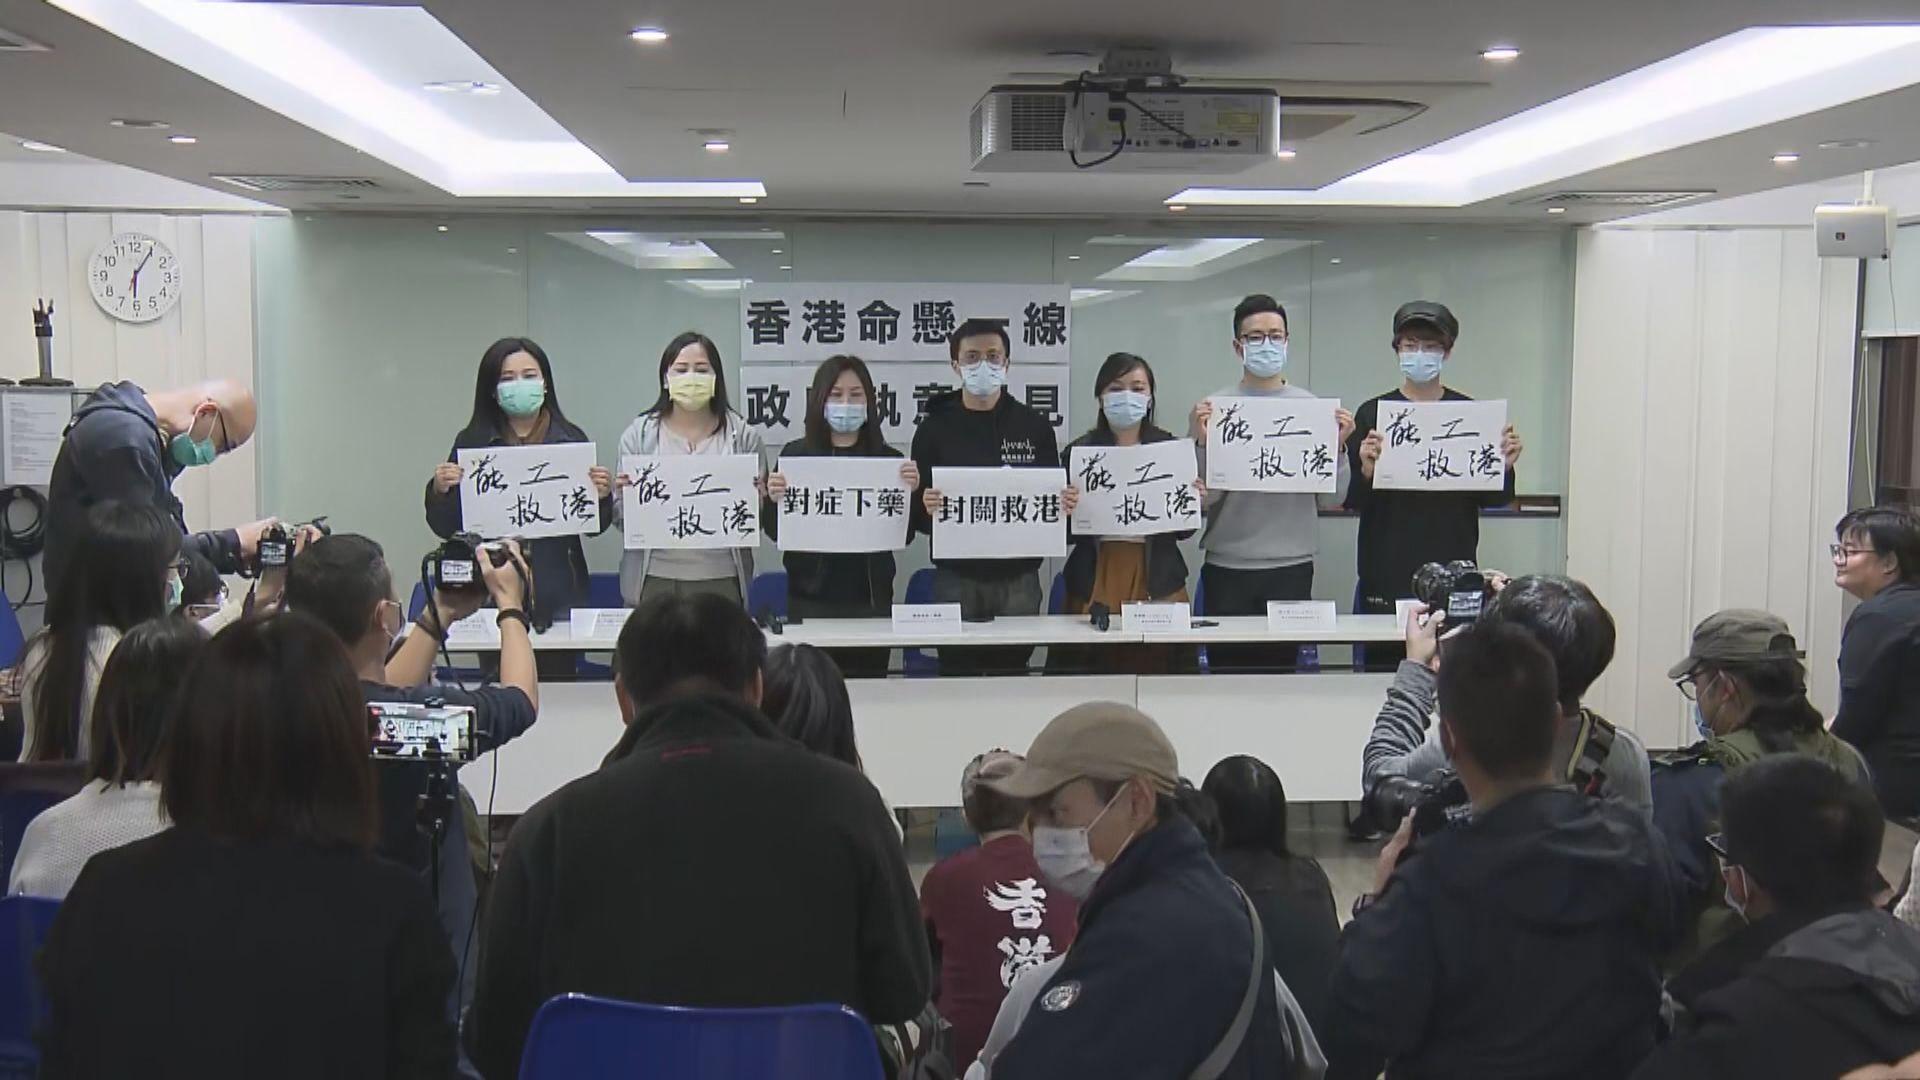 醫管局員工陣線周一罷工 首階段先癱瘓非緊急服務